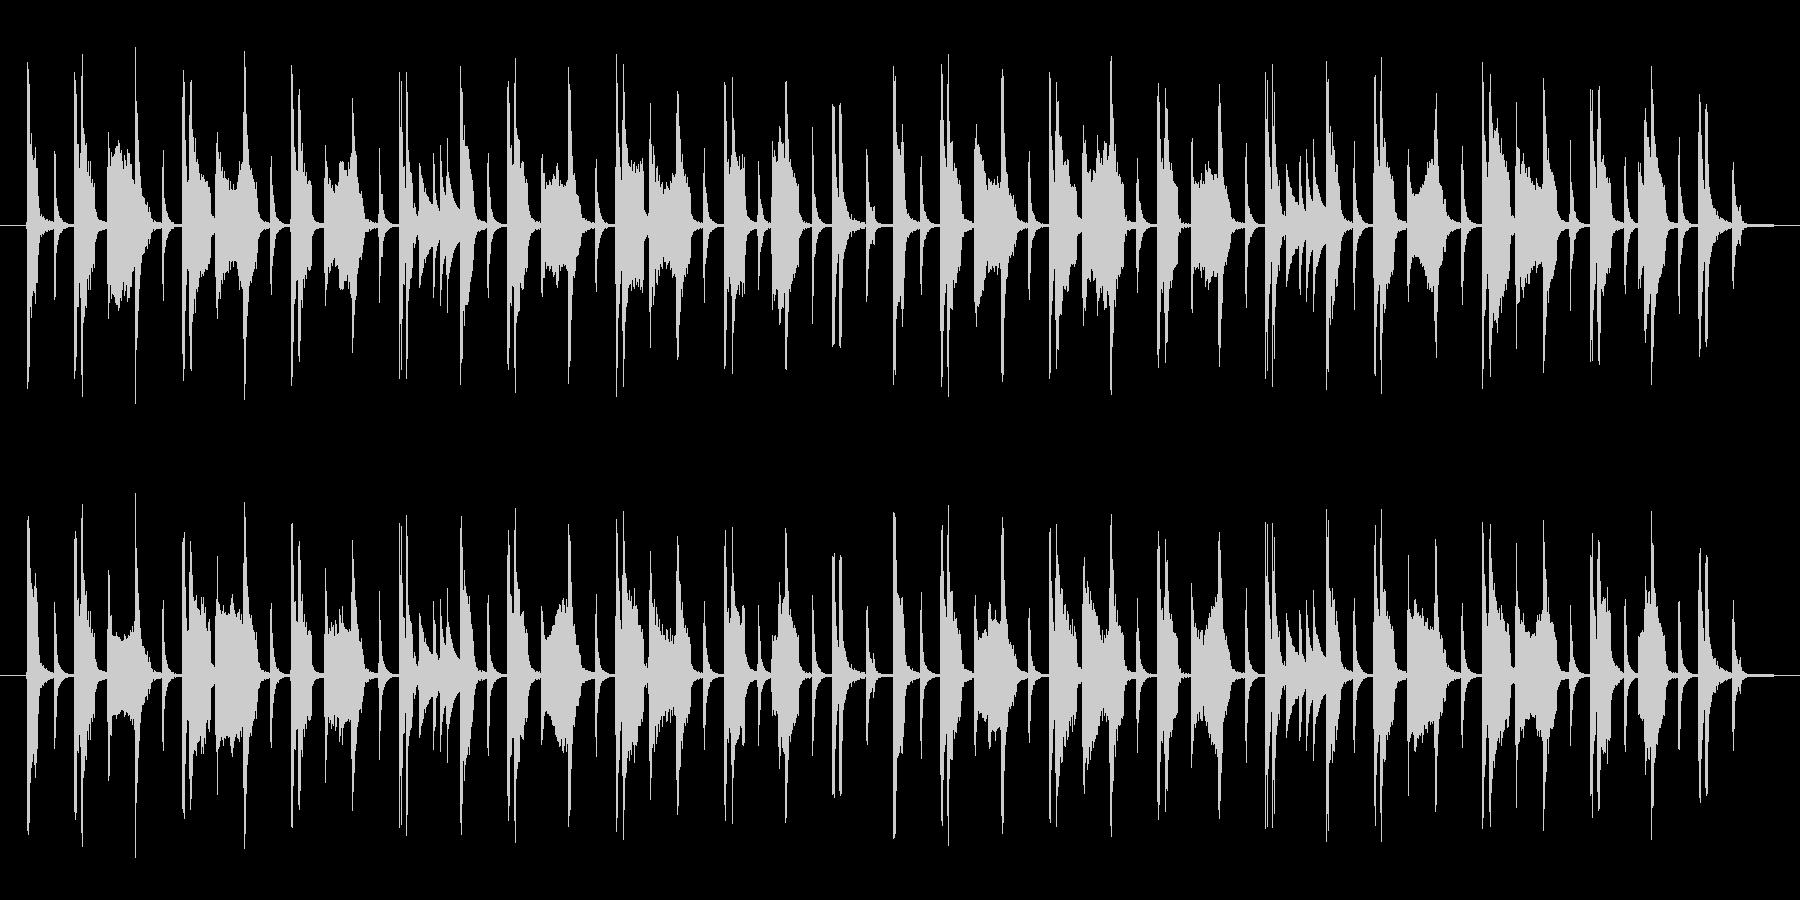 オルガン・ベース・ドラムのみのポップな曲の未再生の波形